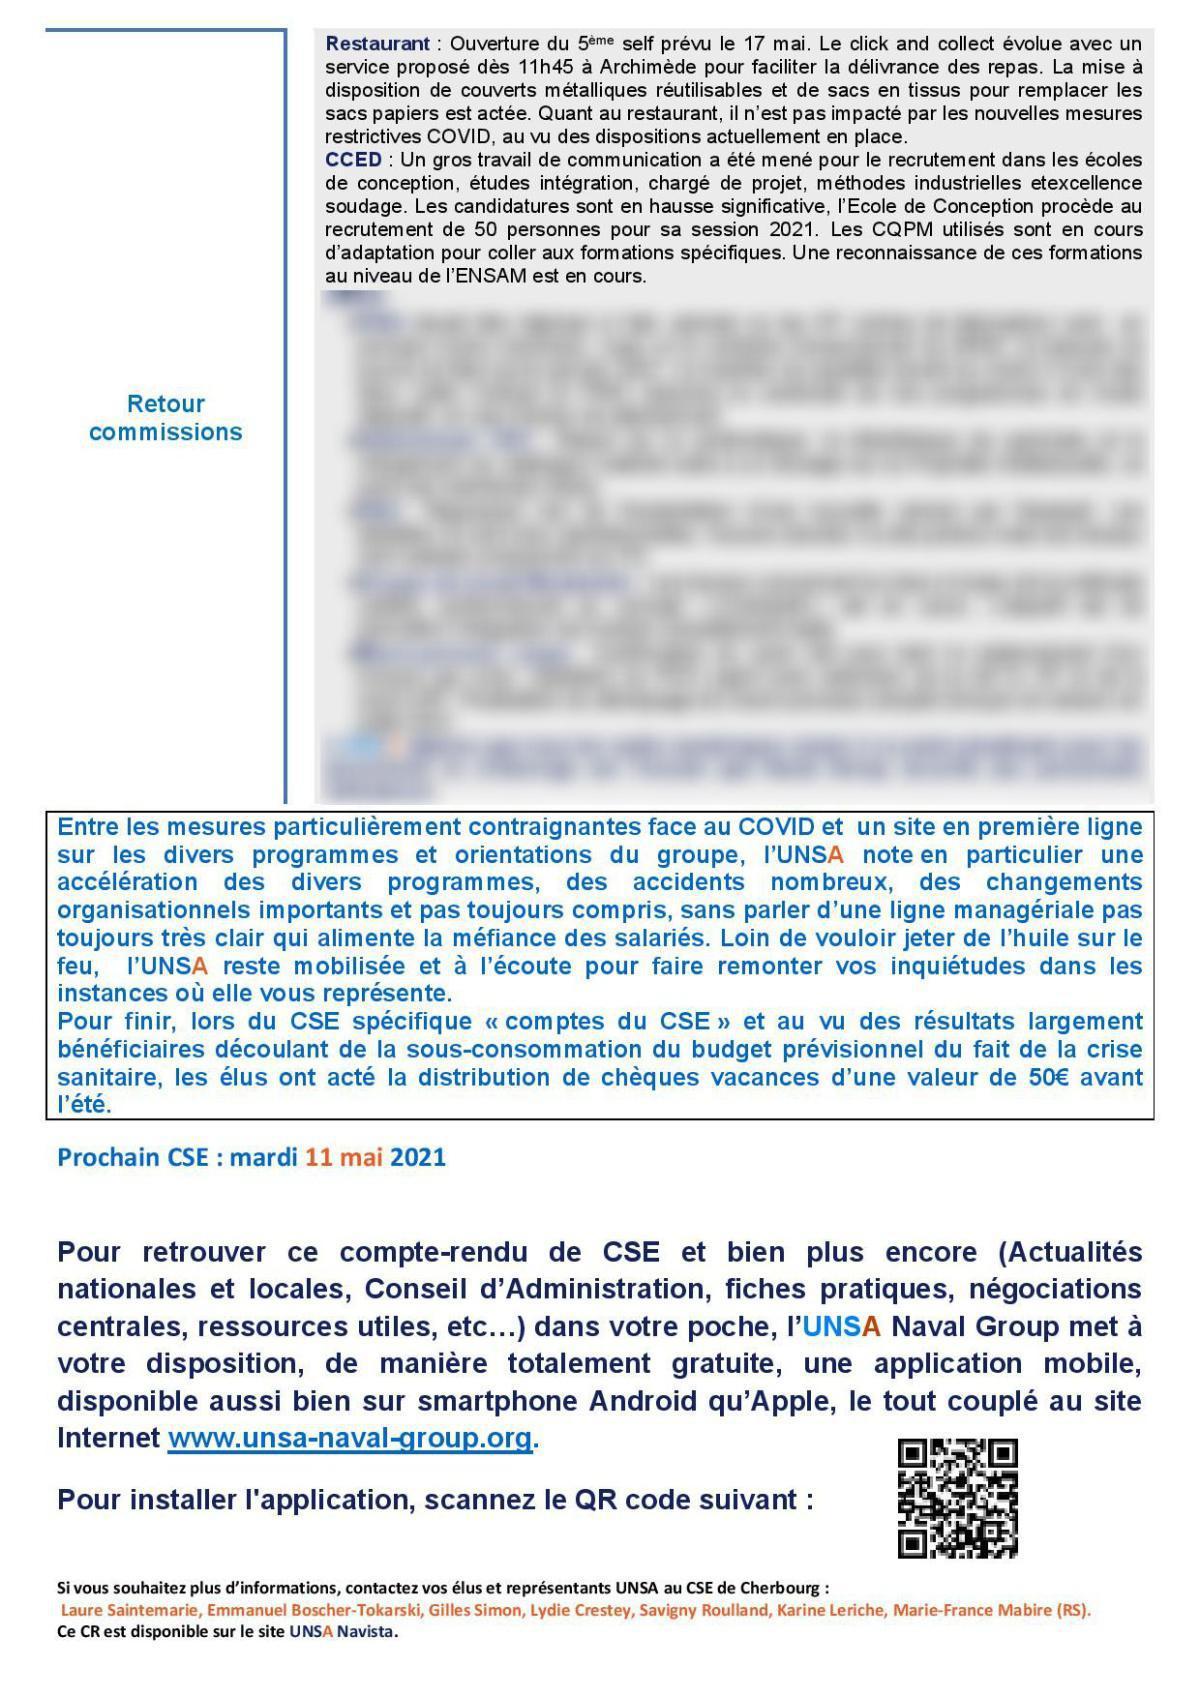 CSE de Cherbourg - Réunion du 13 avril 2021 - Compte rendu